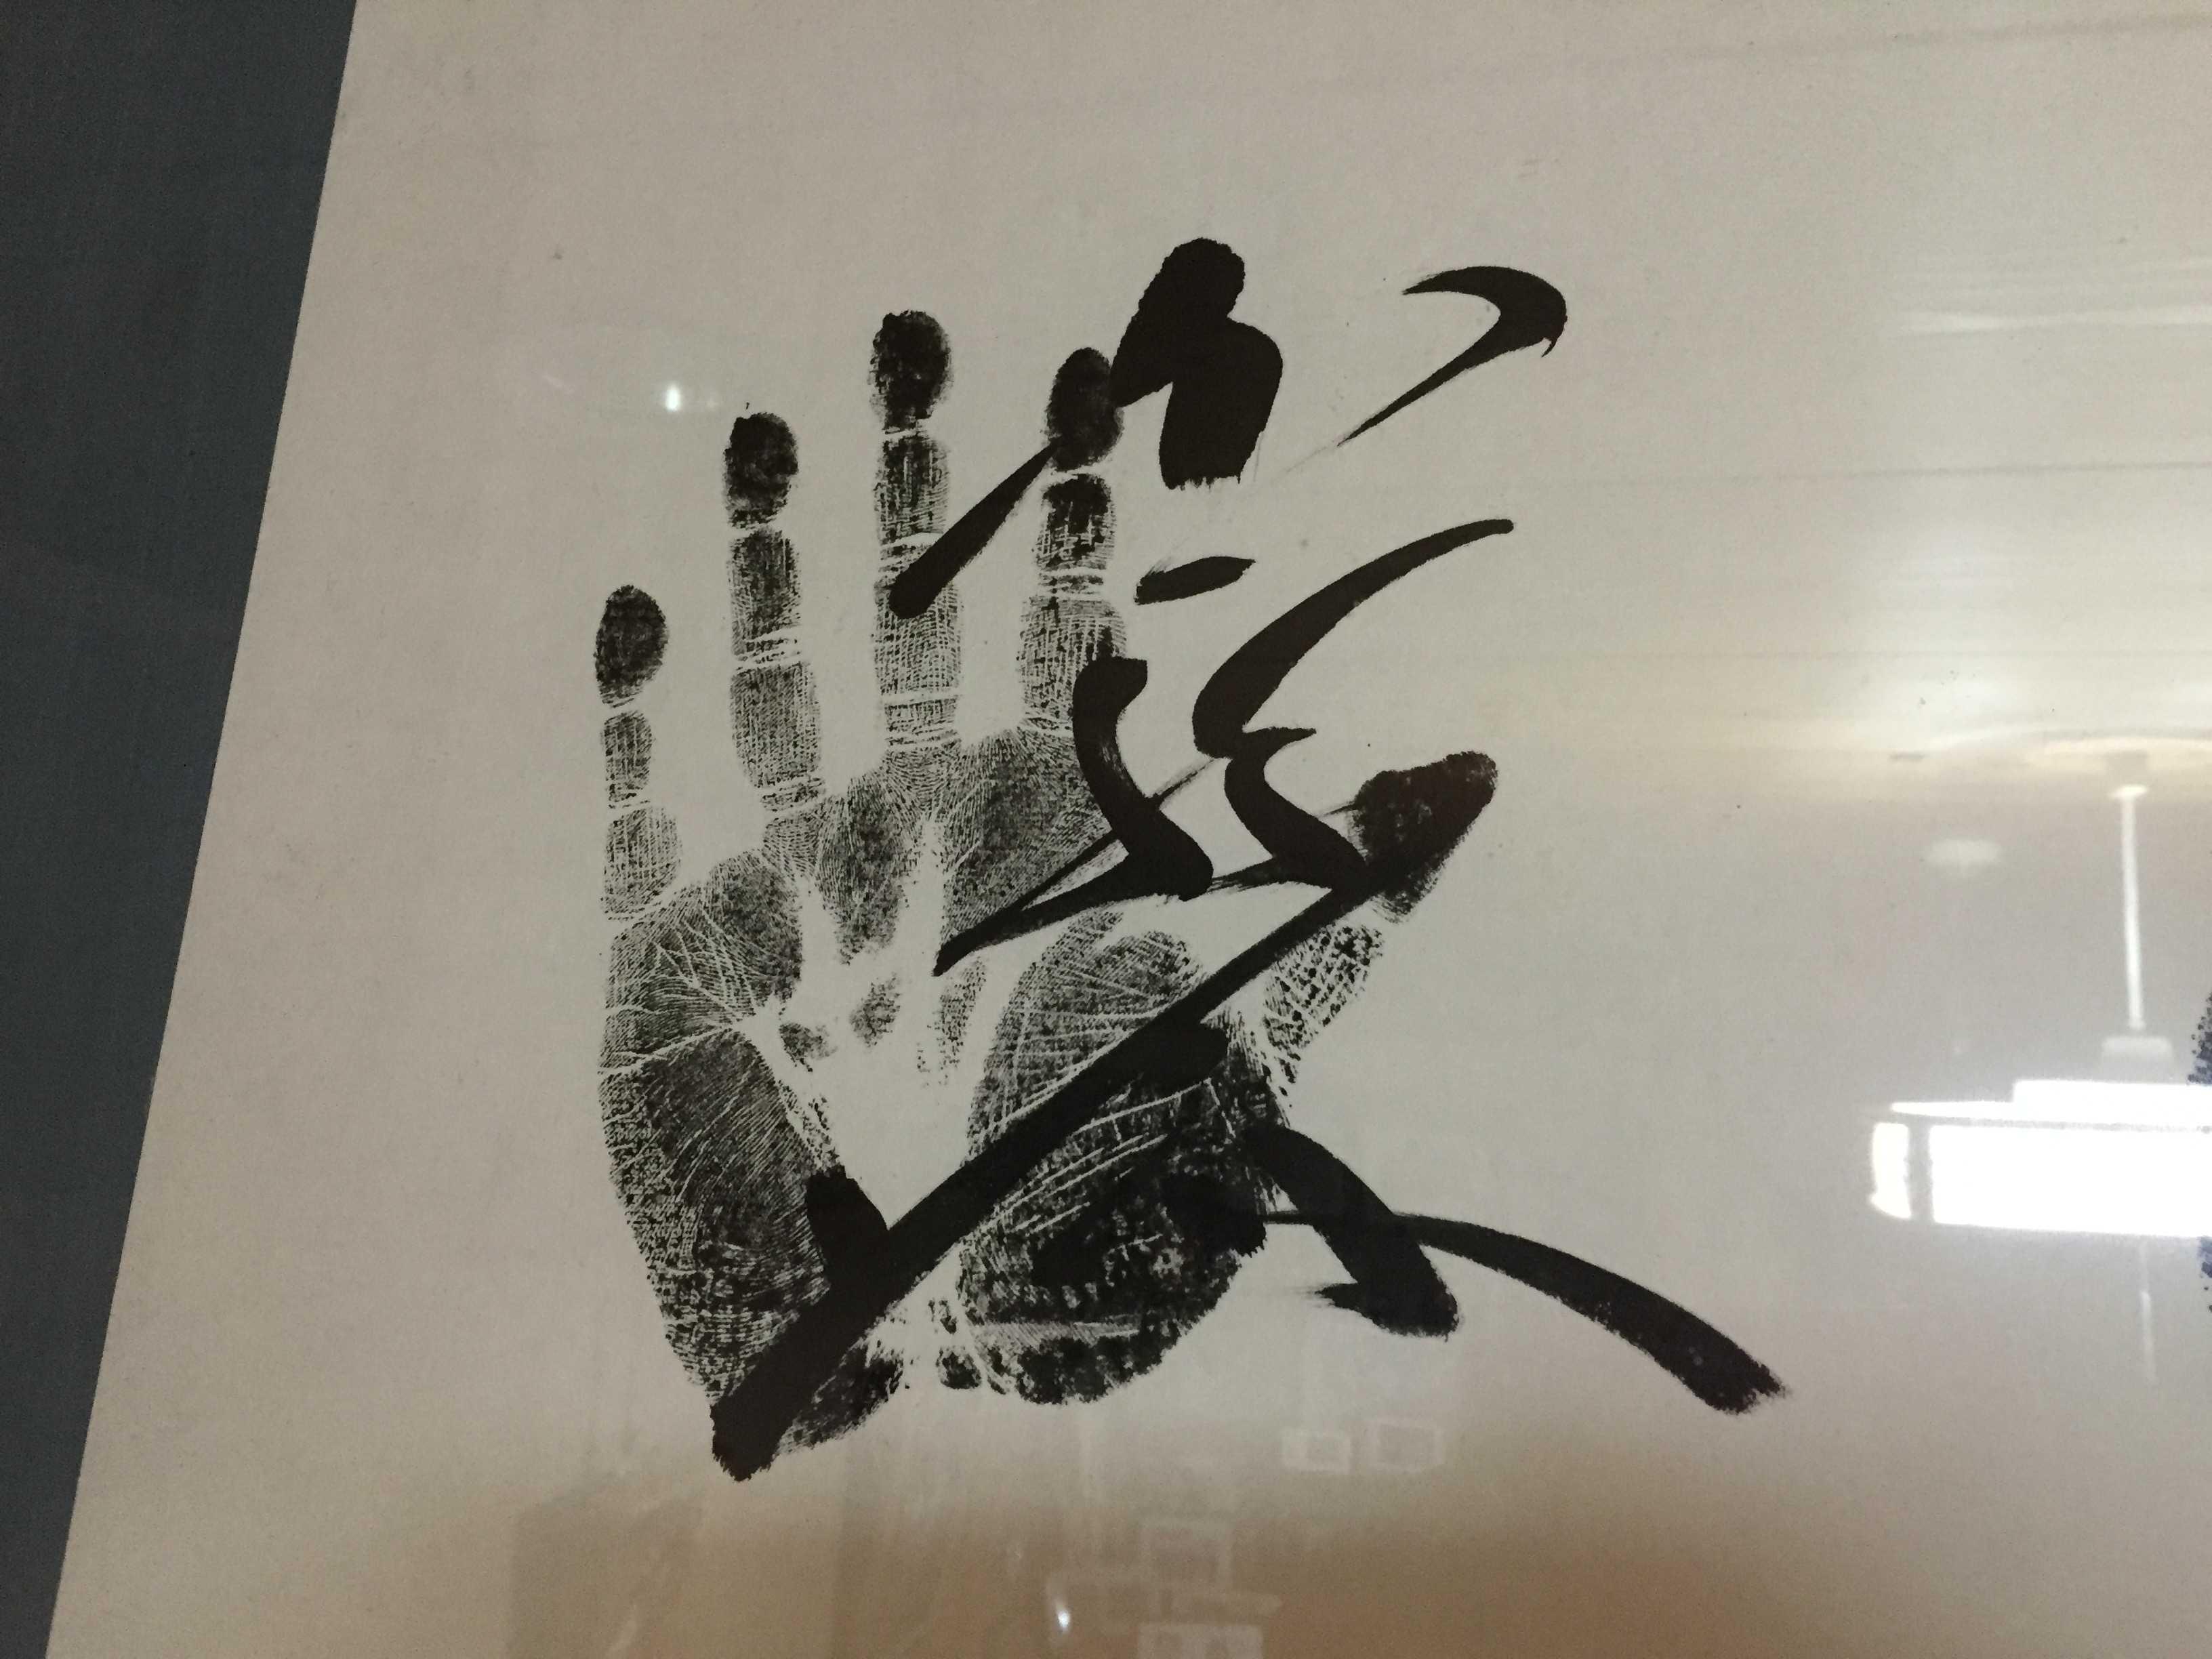 北勝海(ほくとうみ)の手形とサイン